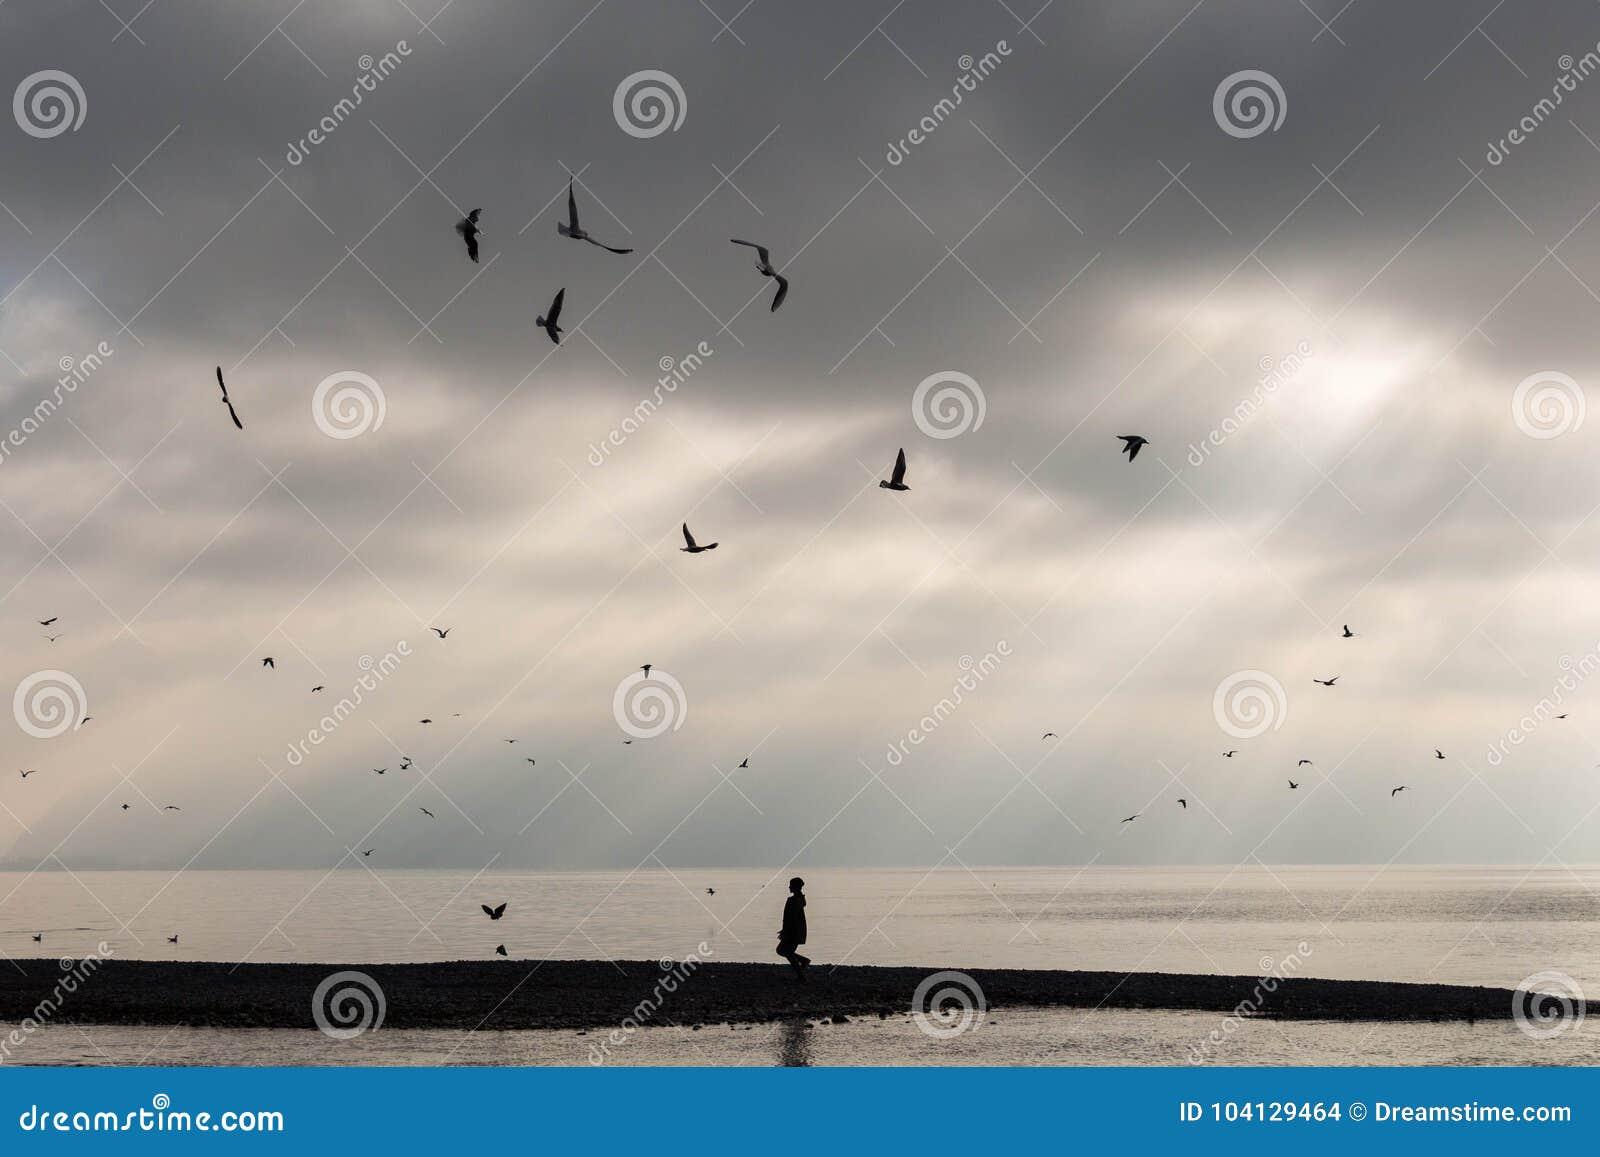 Verlassen Sie Strand auf Sonnenuntergang mit einzigem Fremdem und Vögeln